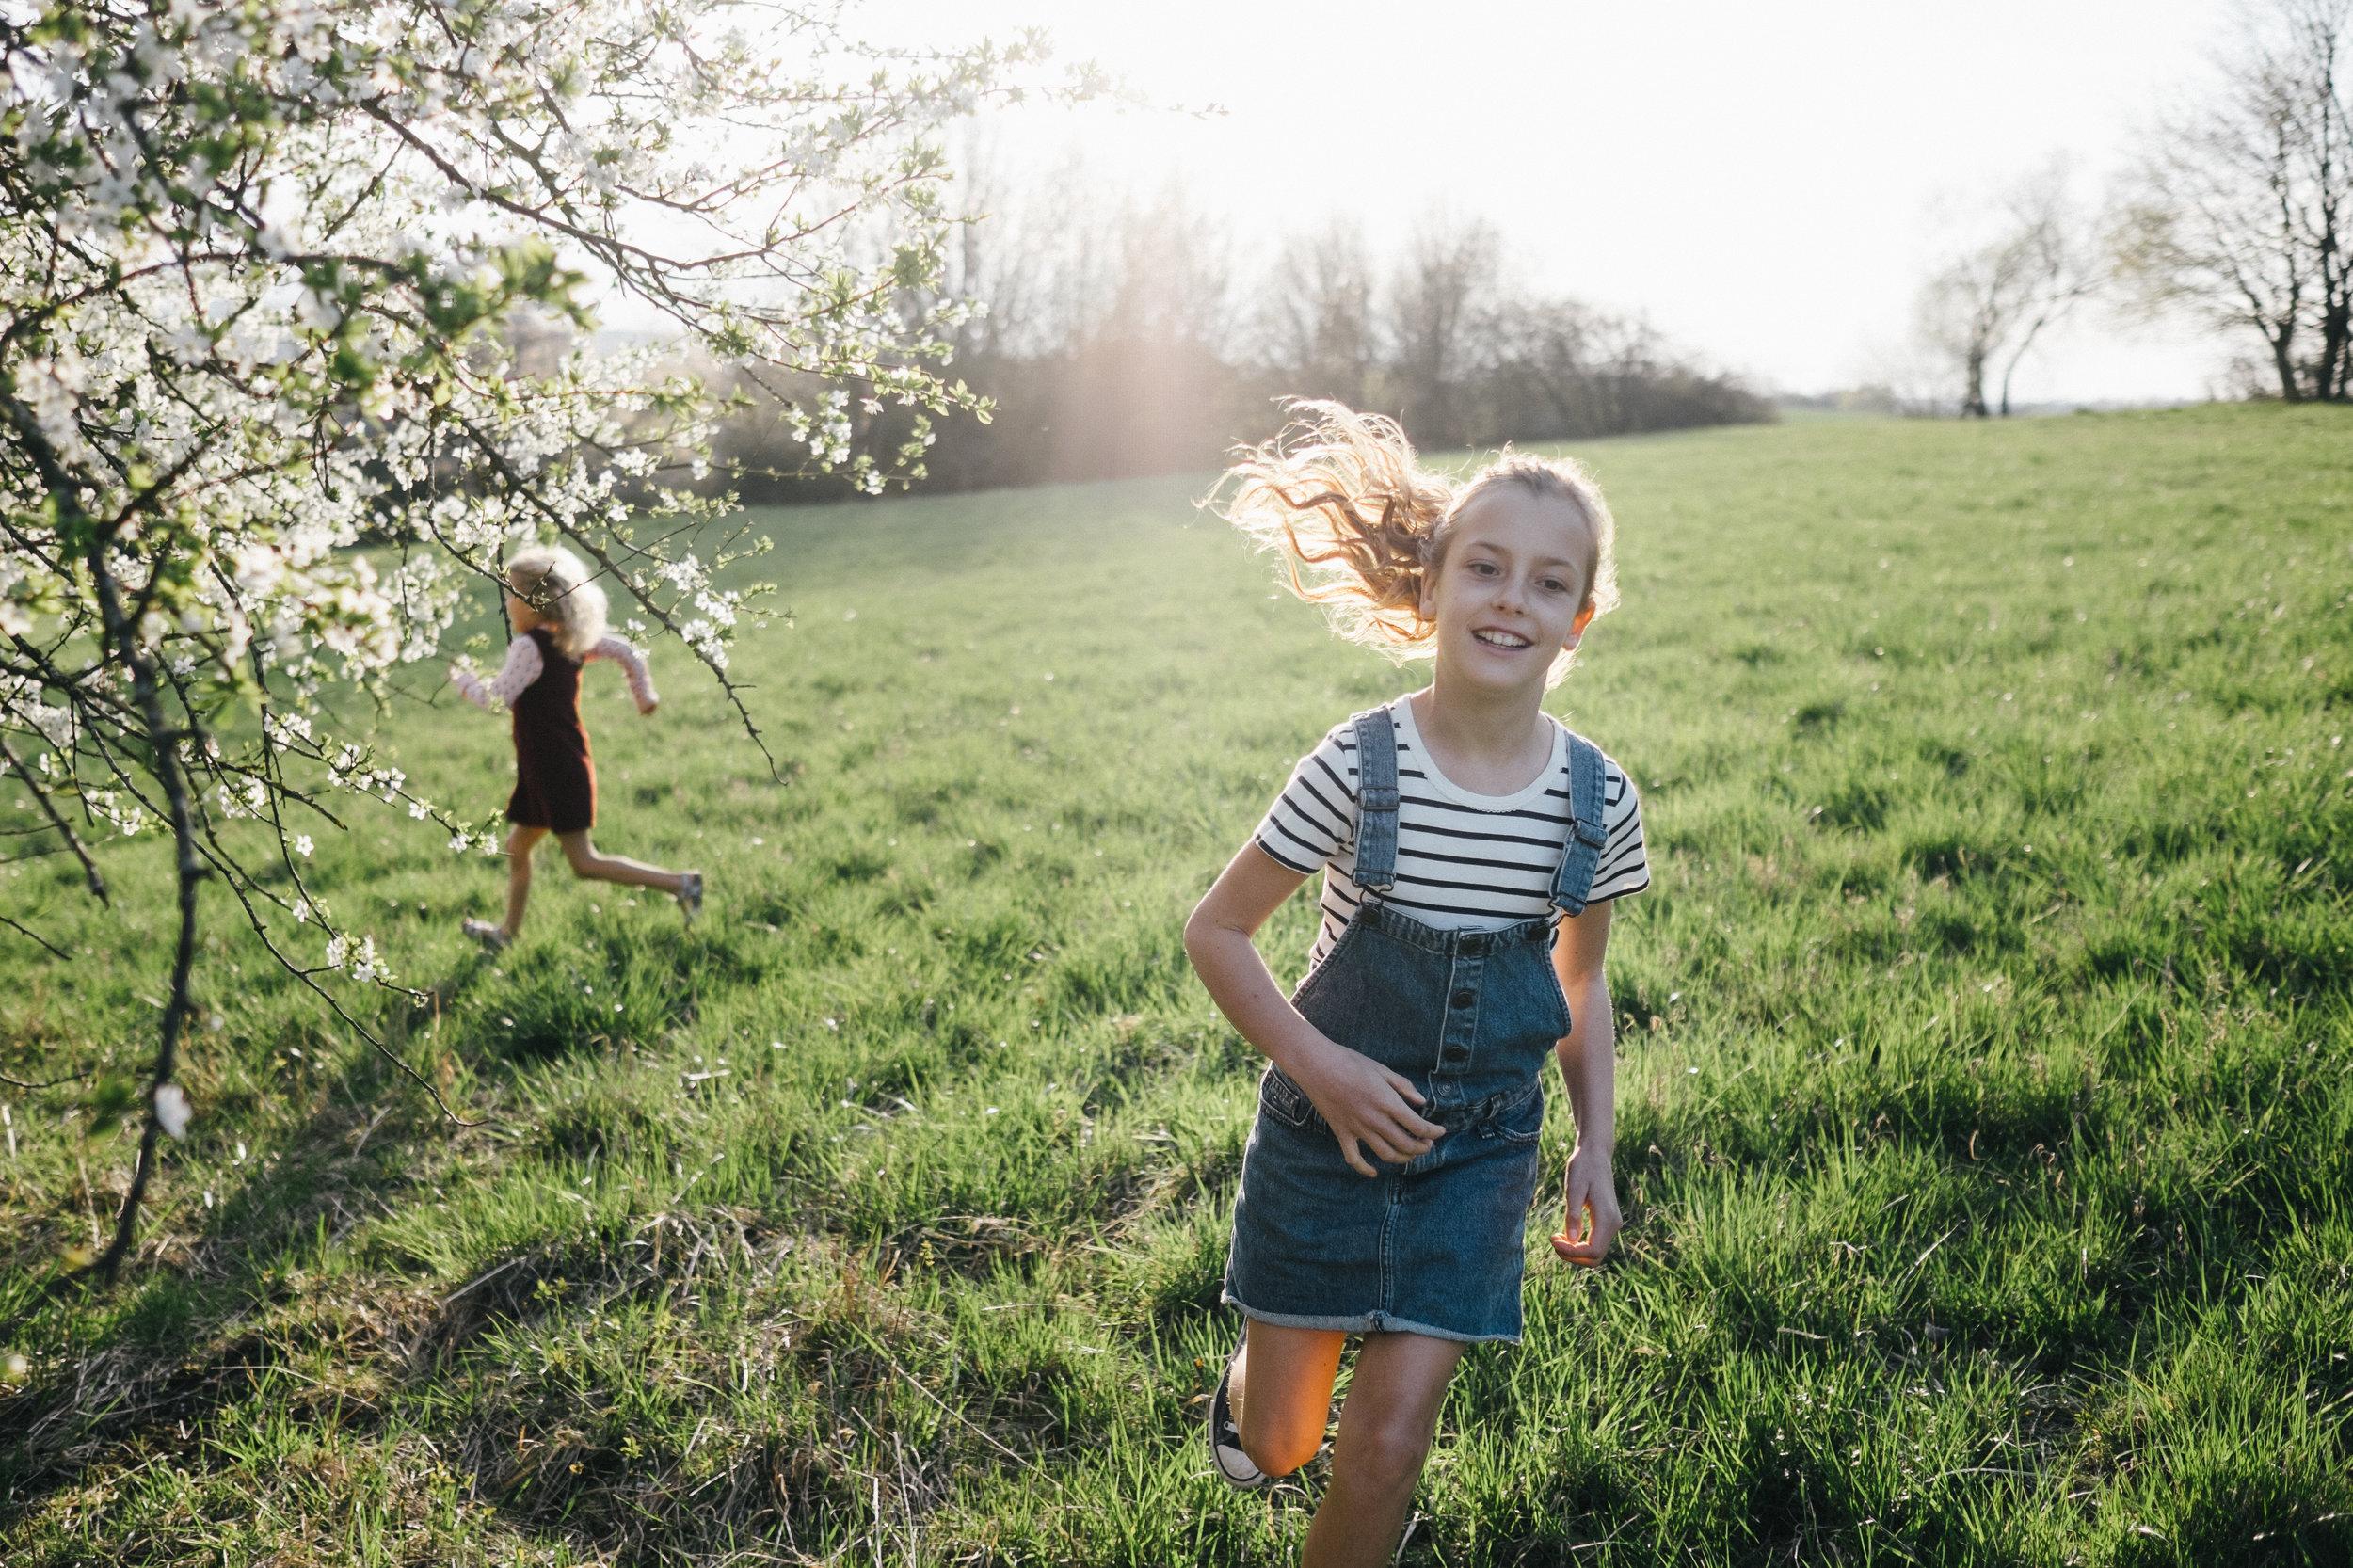 Streuobstwiese - Viola Mueller-Gerbes Photography-5.jpg